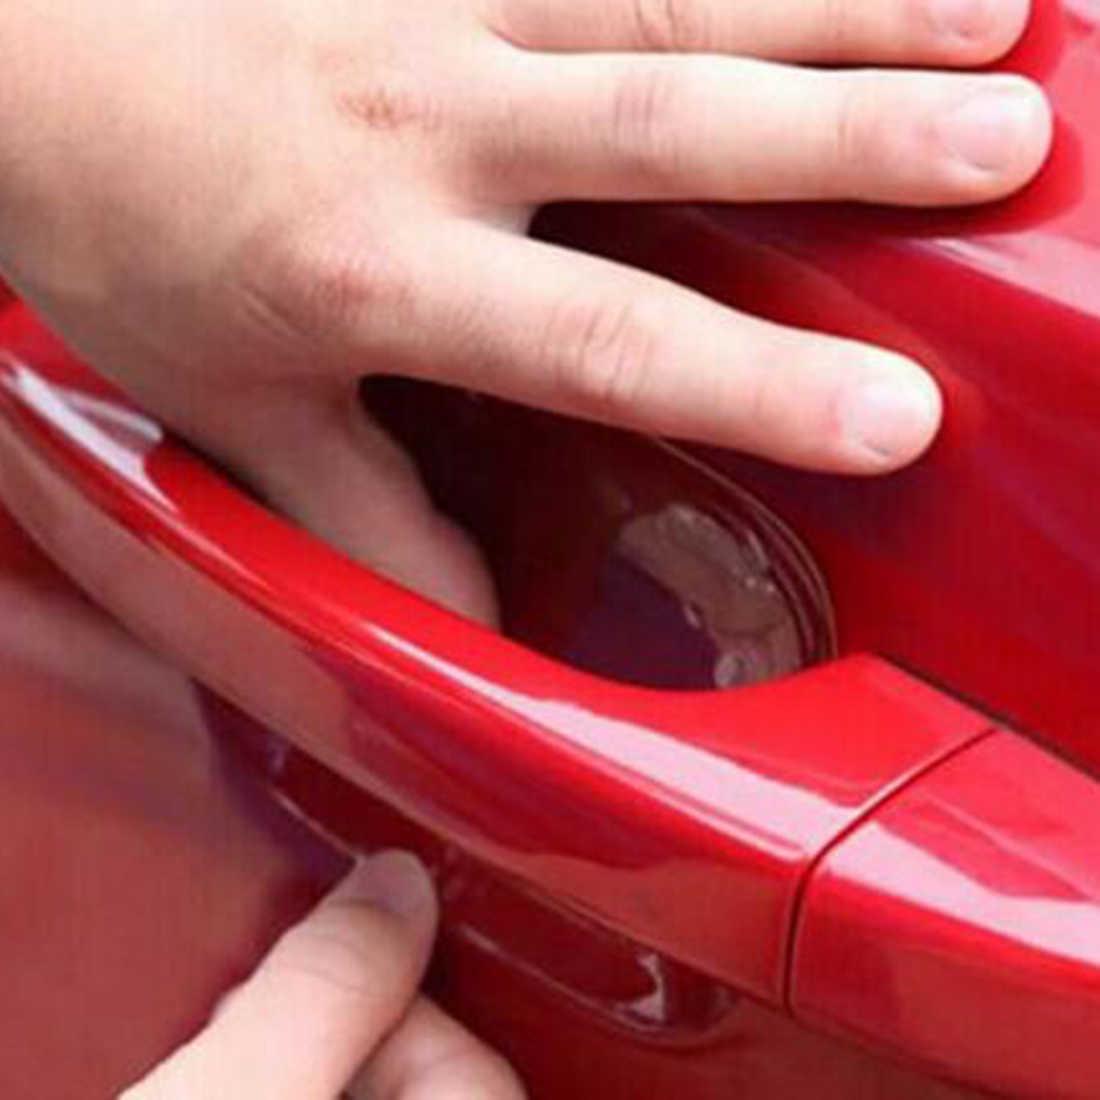 Bu-bauty 8 unids/set protección de manija de coche película Exterior de coche transparente pegatina accesorios Automotrices